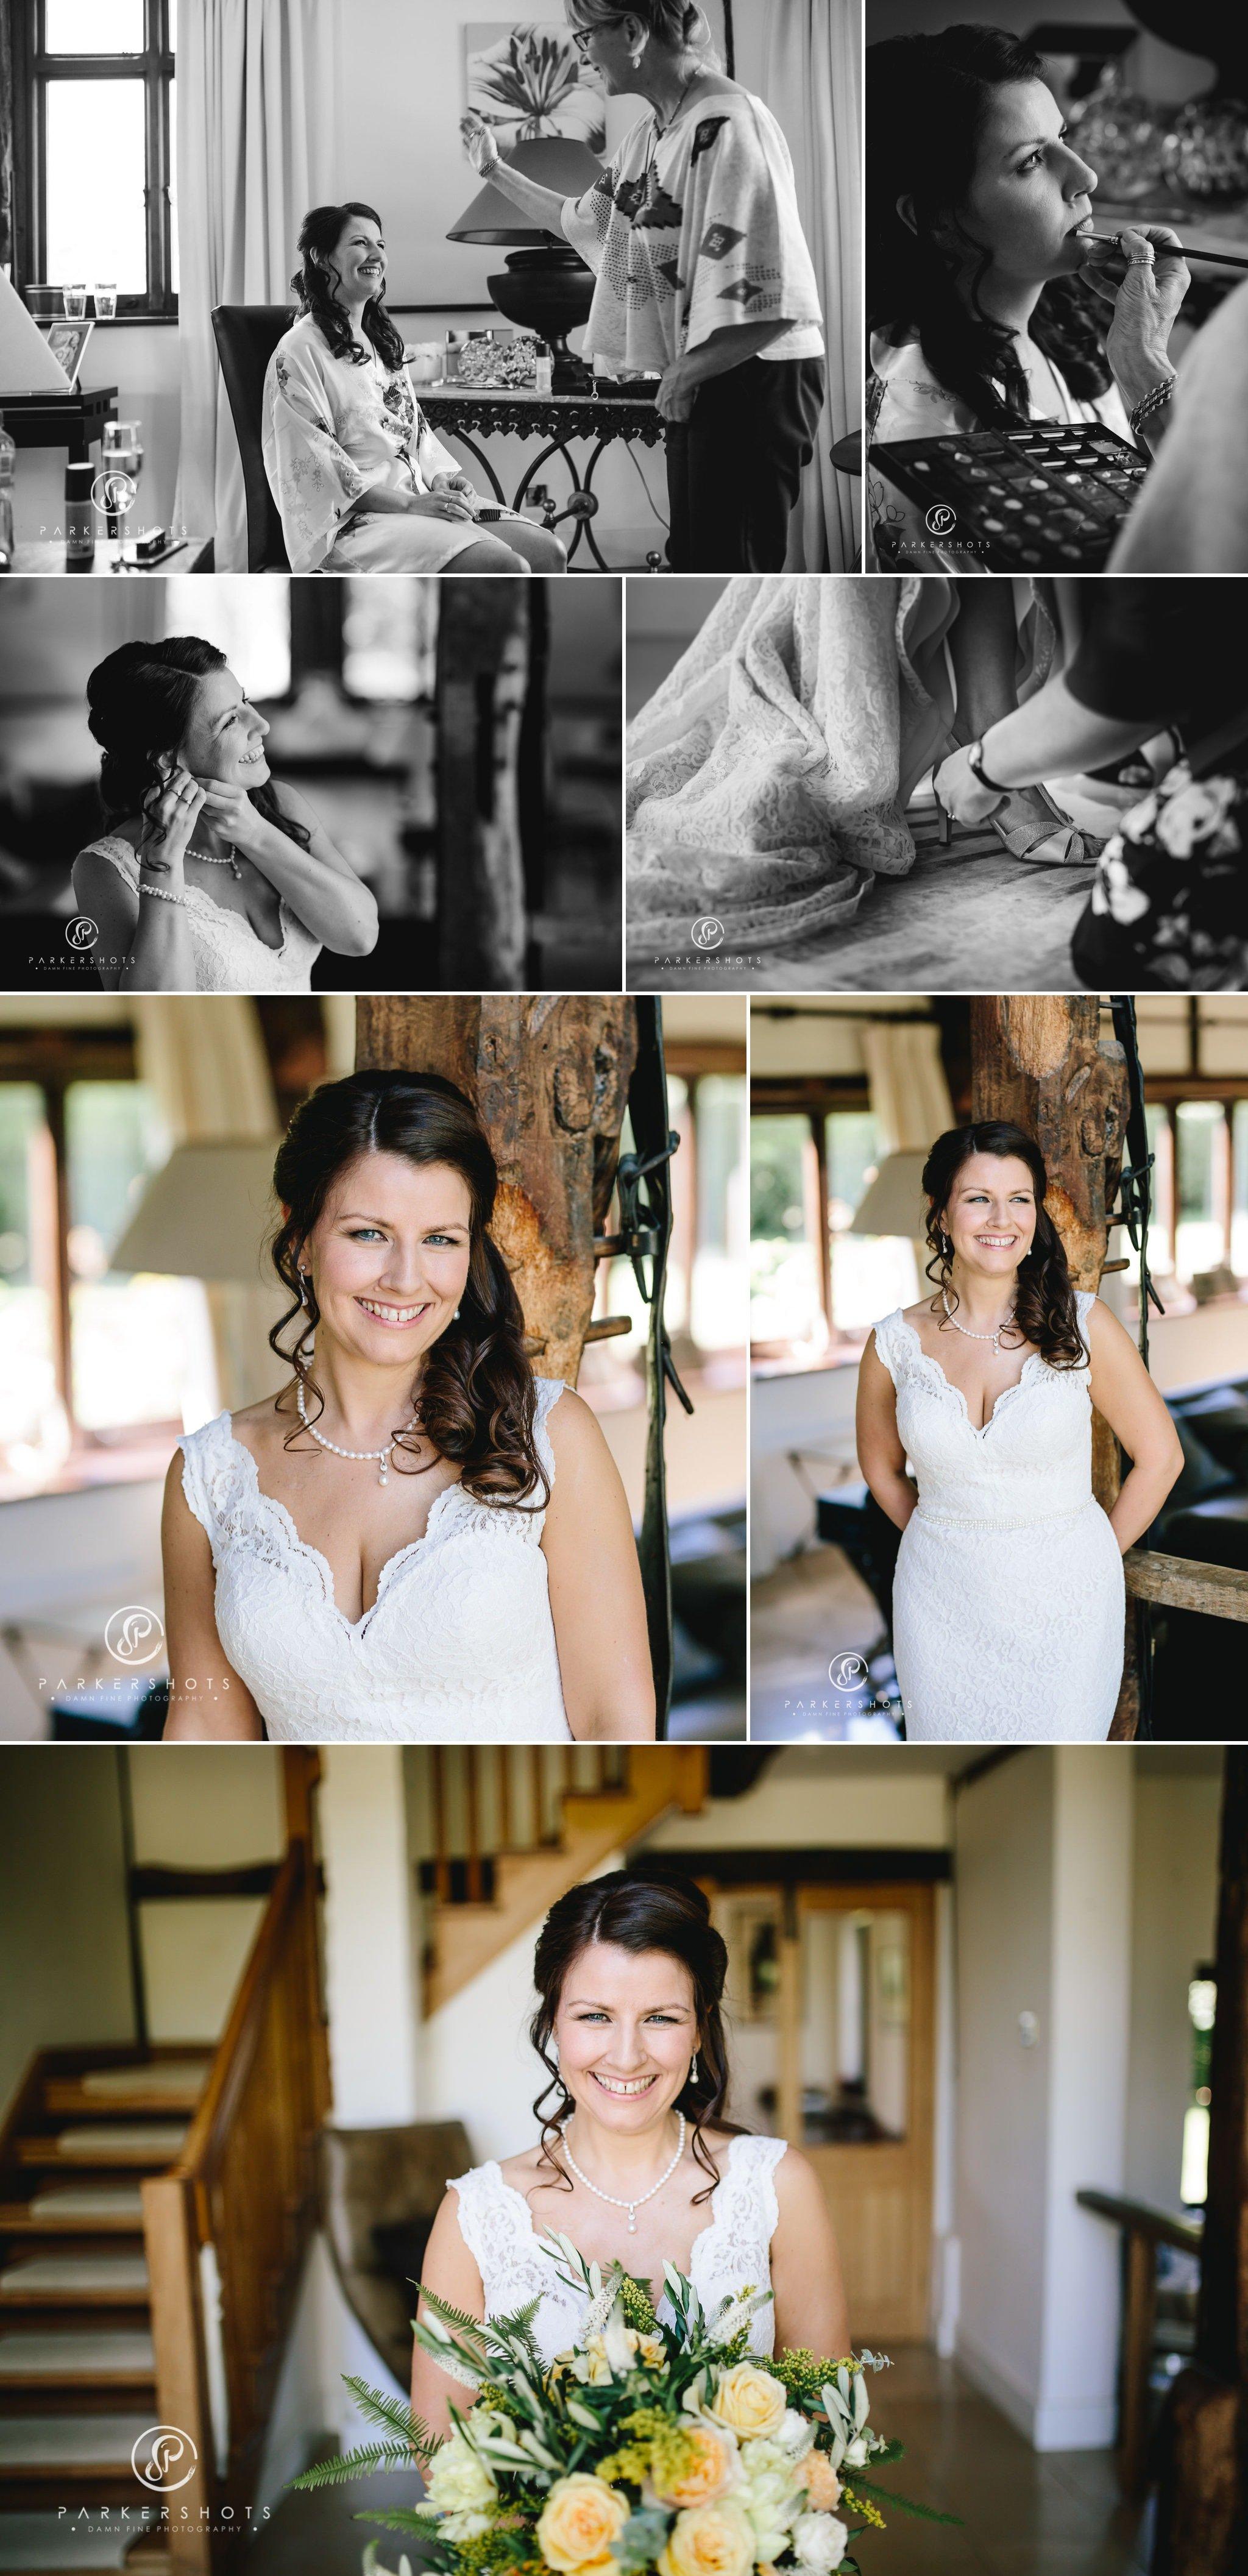 Chafford Park Bride